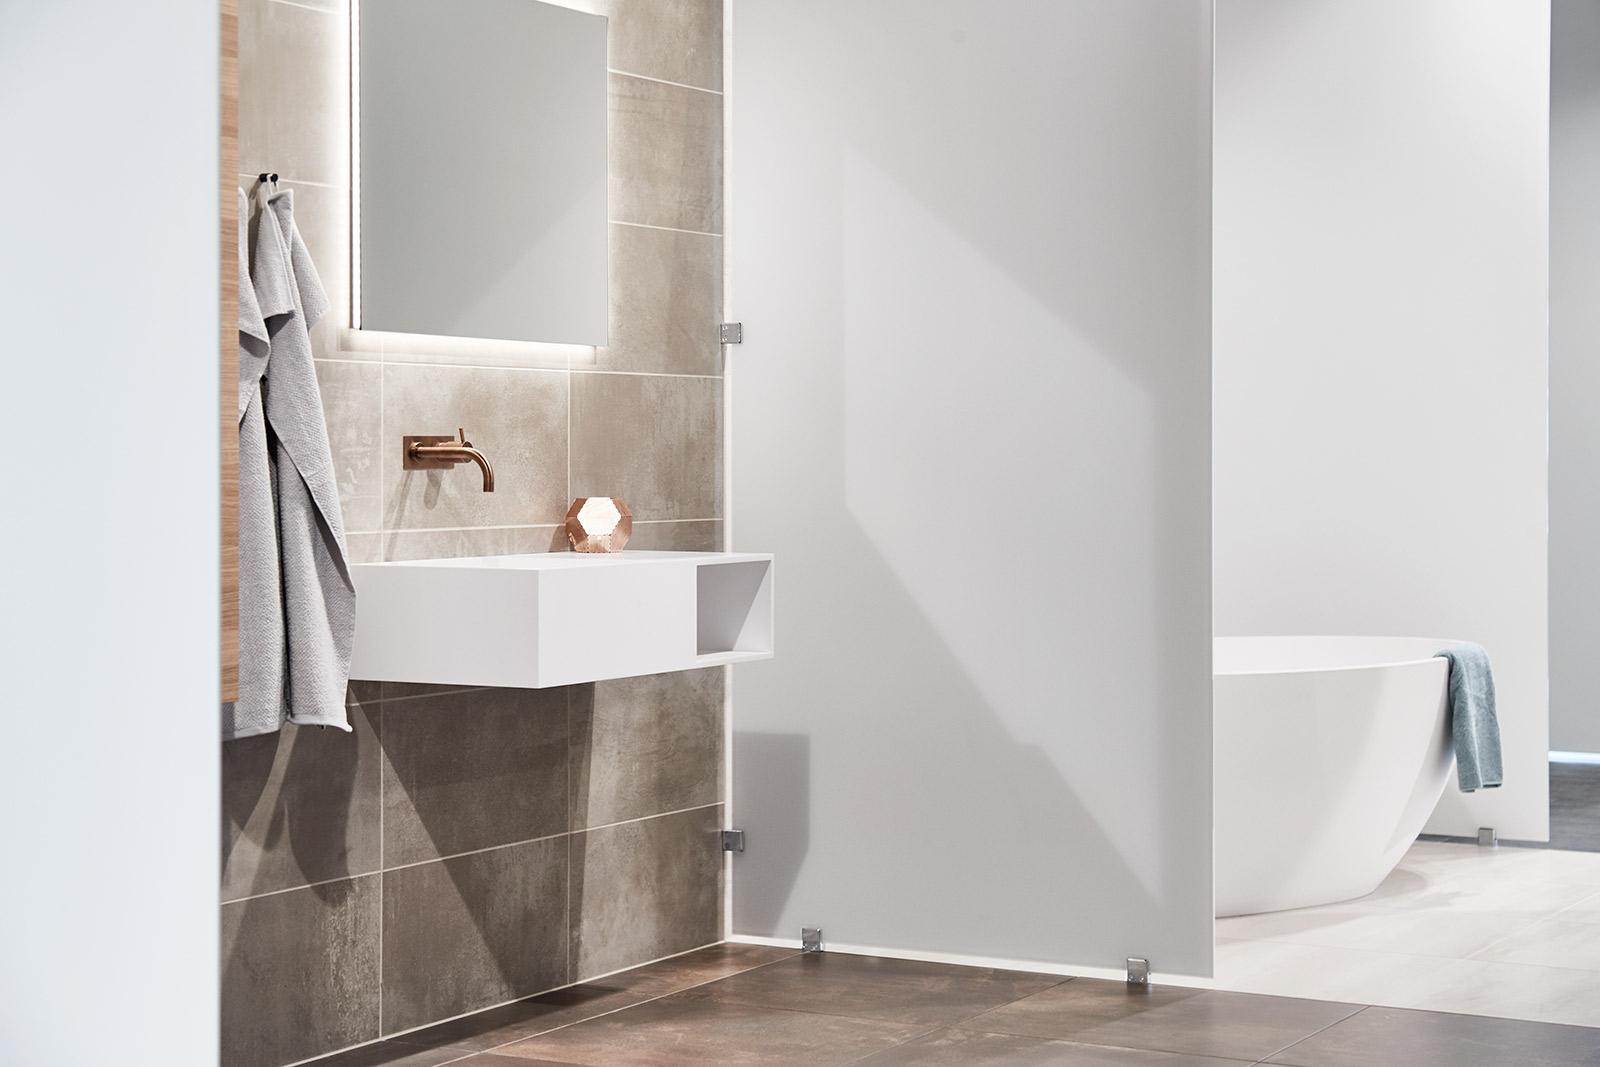 Backlight spejl til dit badeværelse